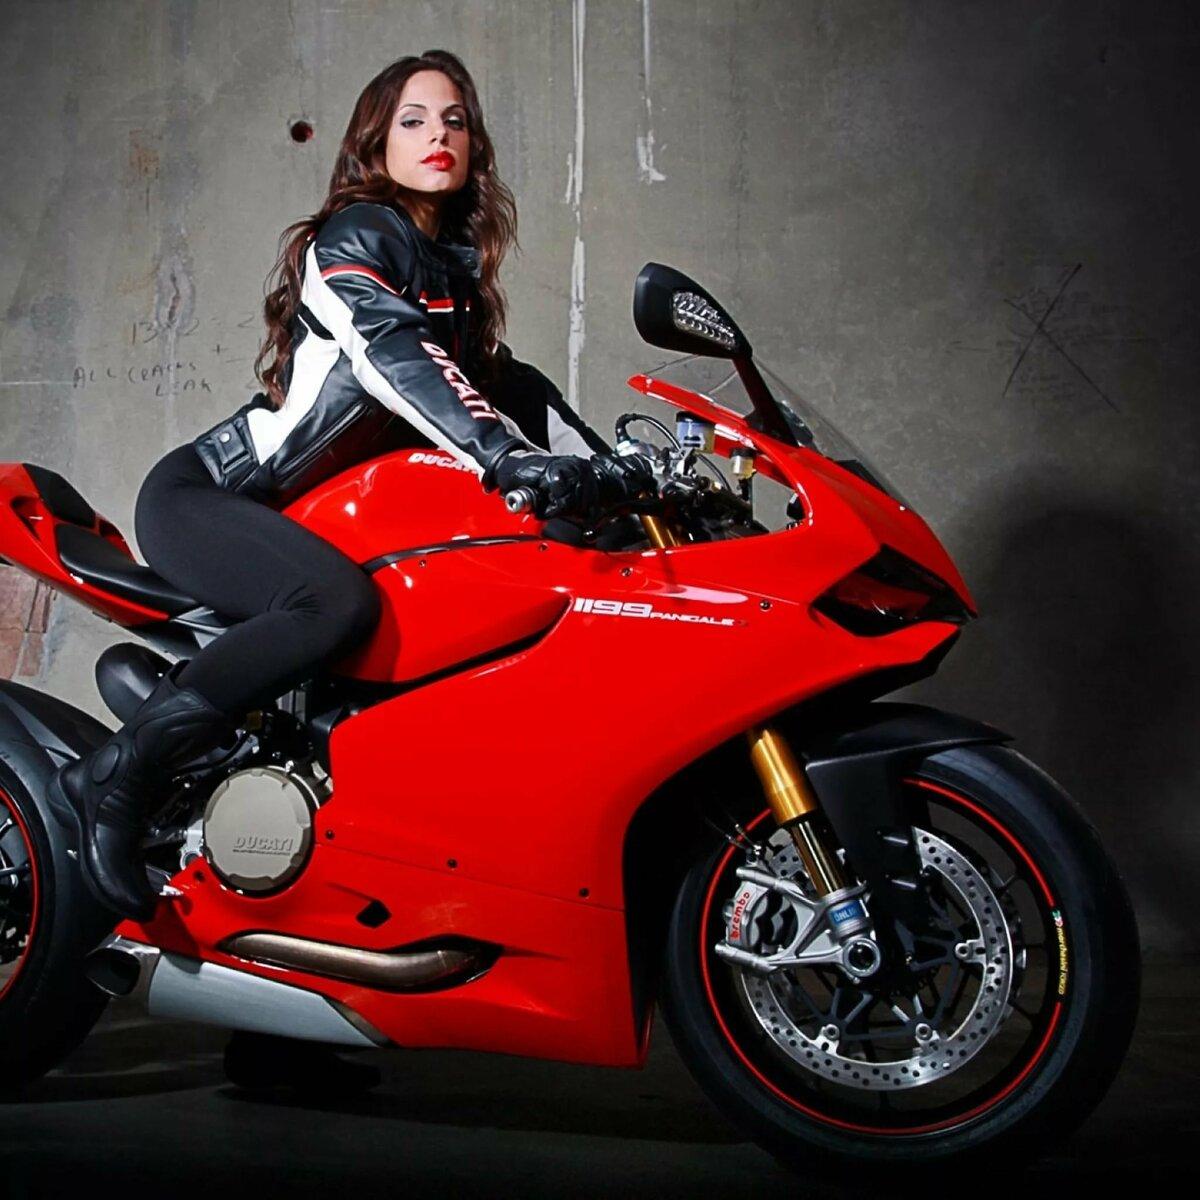 Картинка девочка на мотоцикле